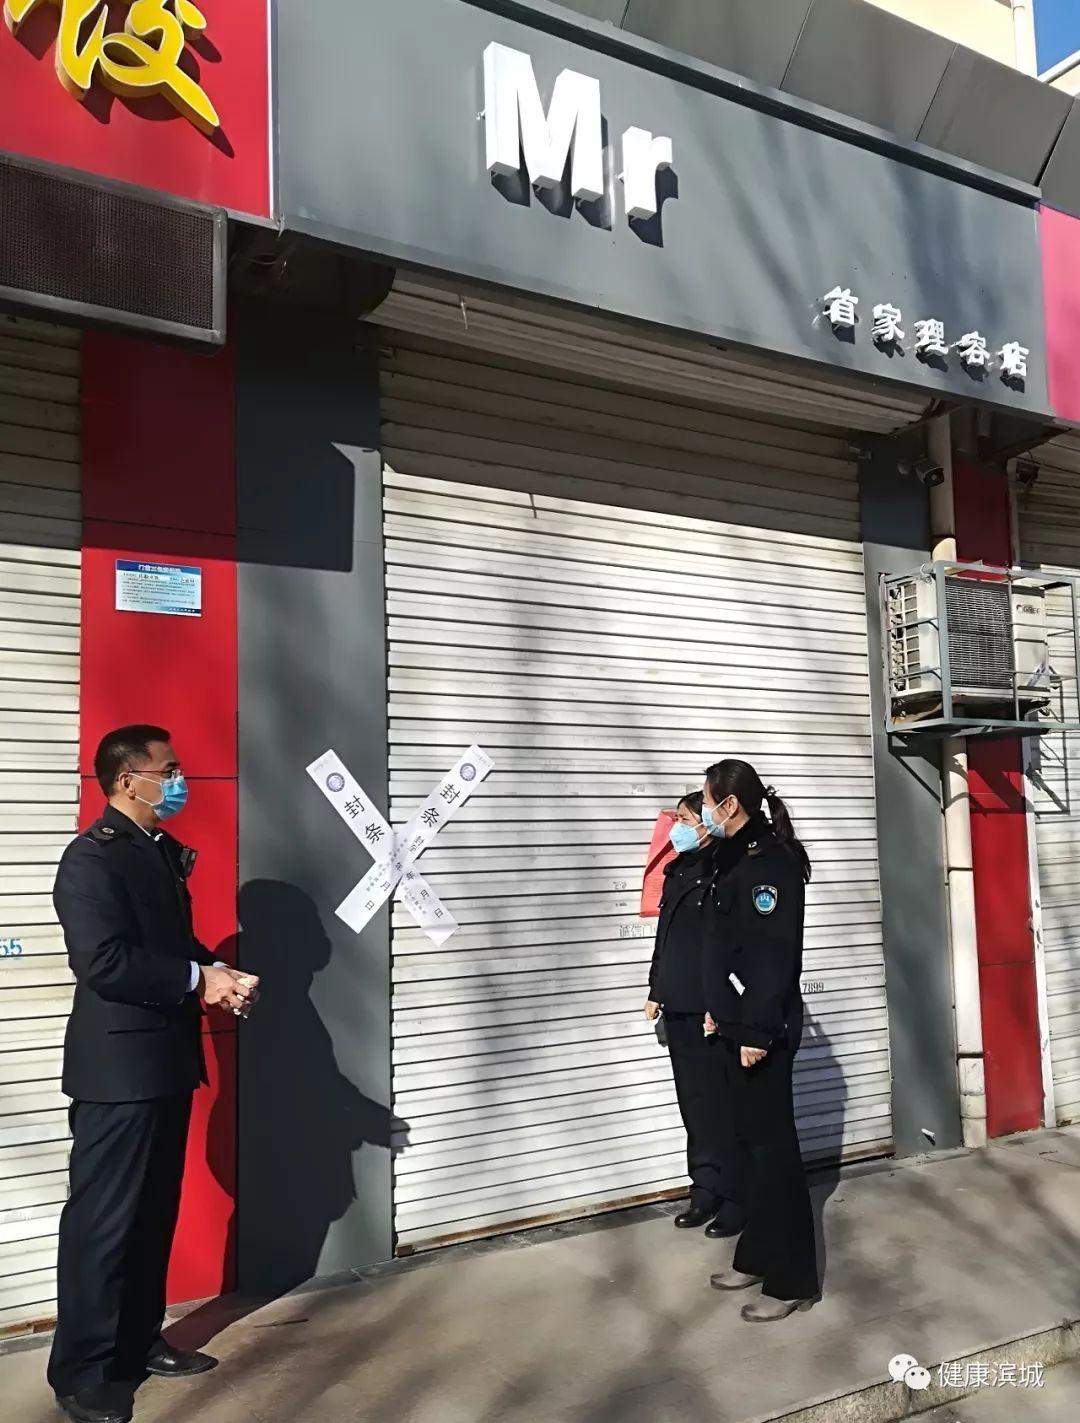 擅自开业!滨州市区一理发店被查封